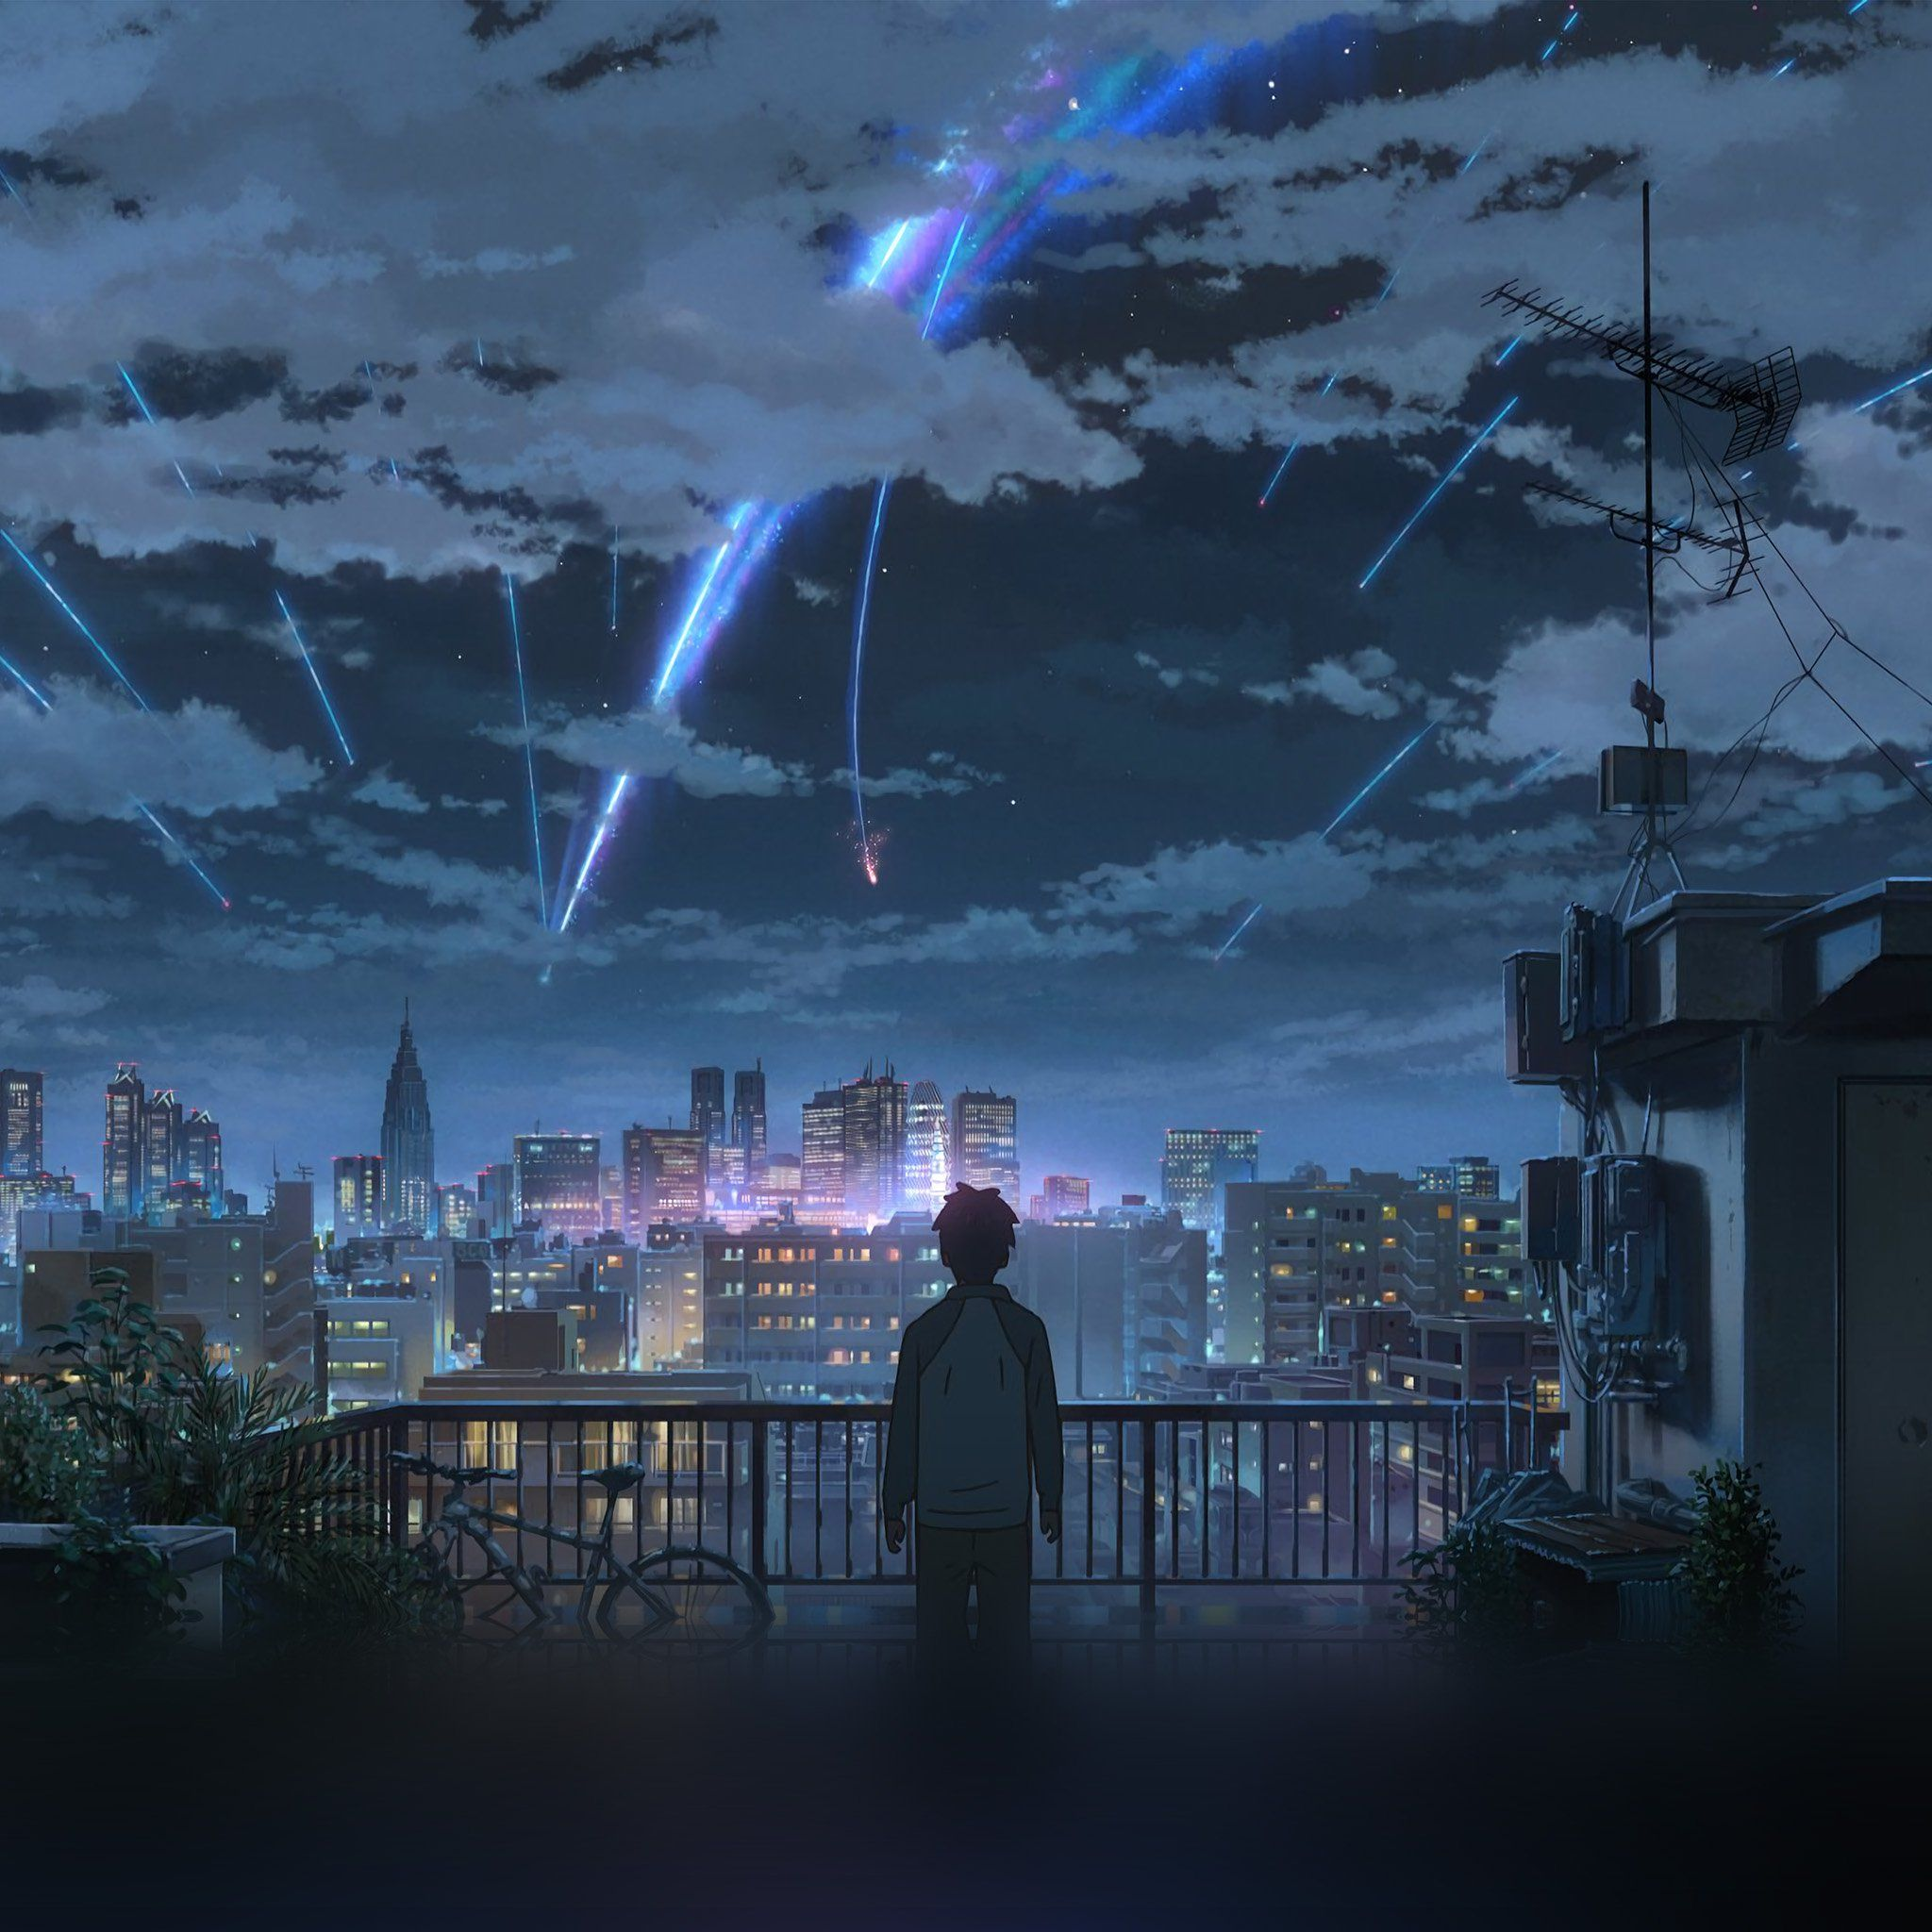 人気53位 君の名は 君の名は アニメの風景 風景